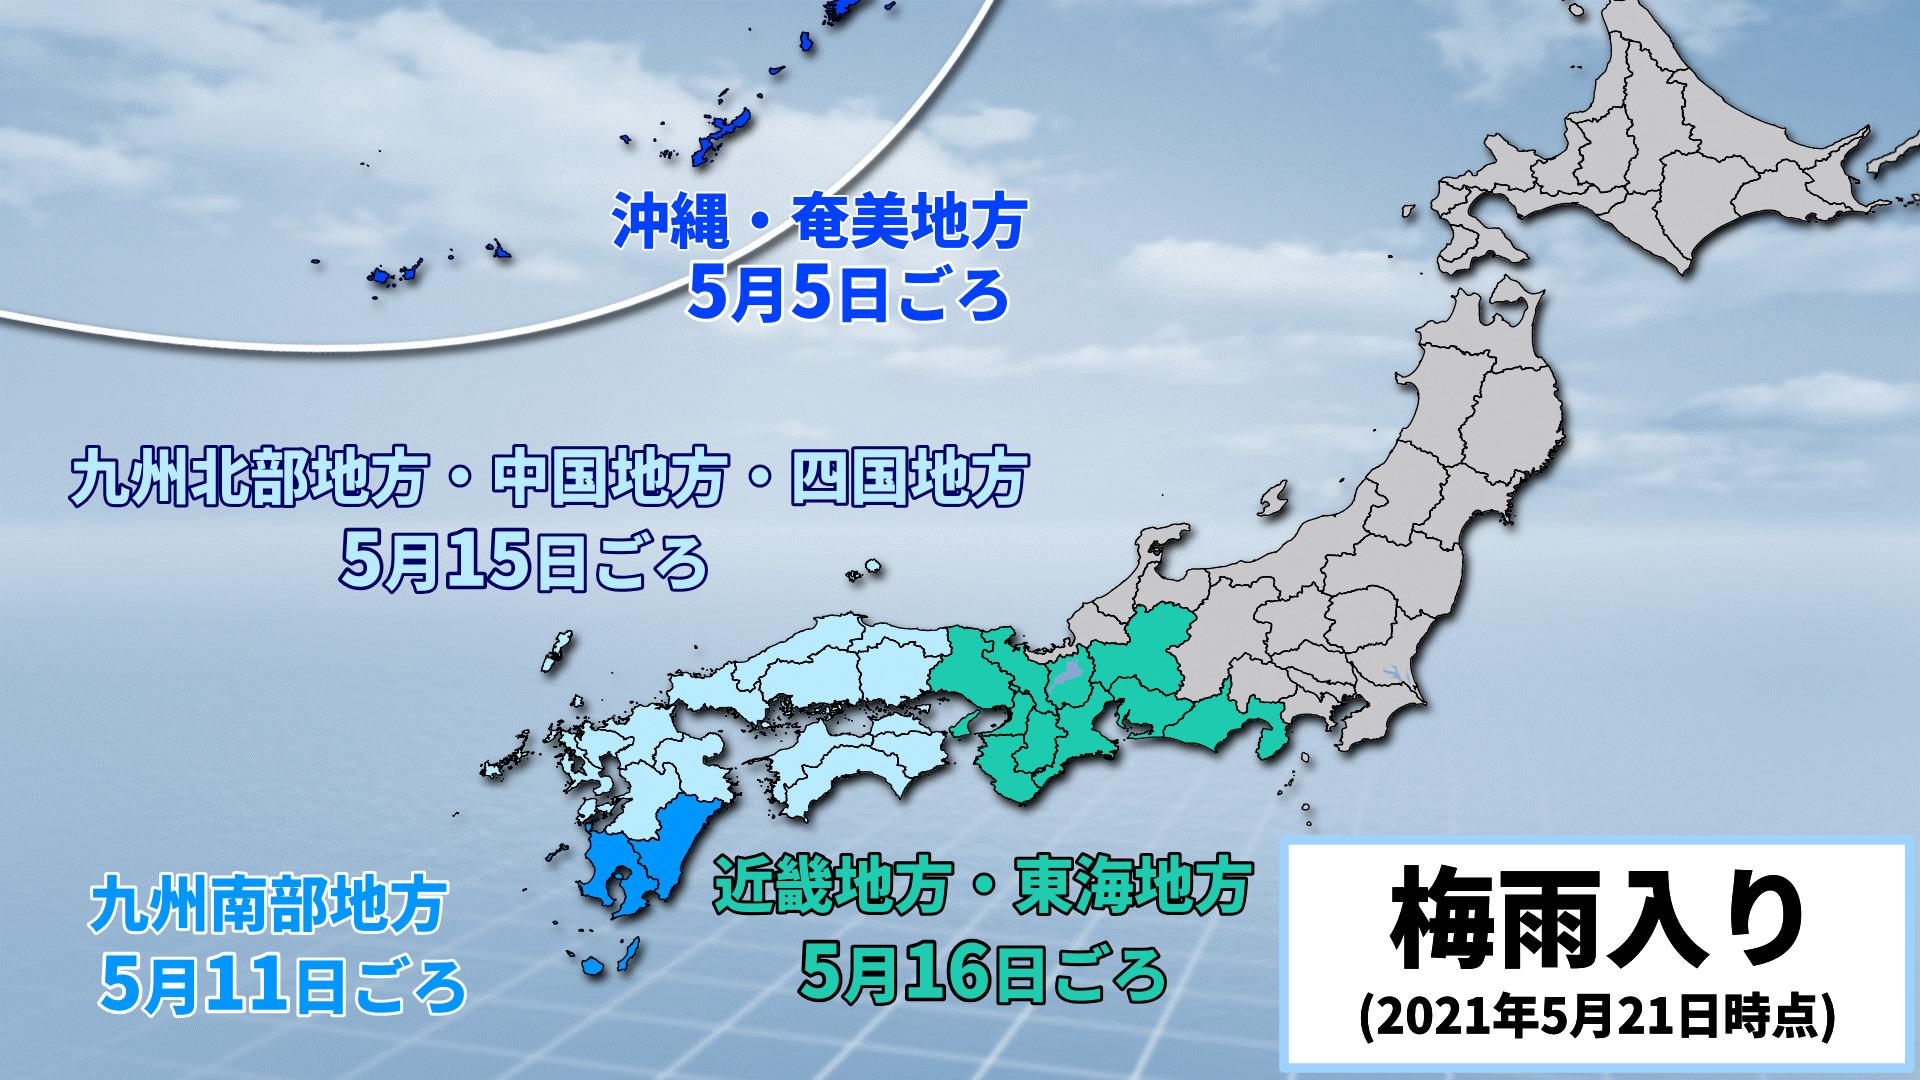 梅雨入り(5月21日時点)